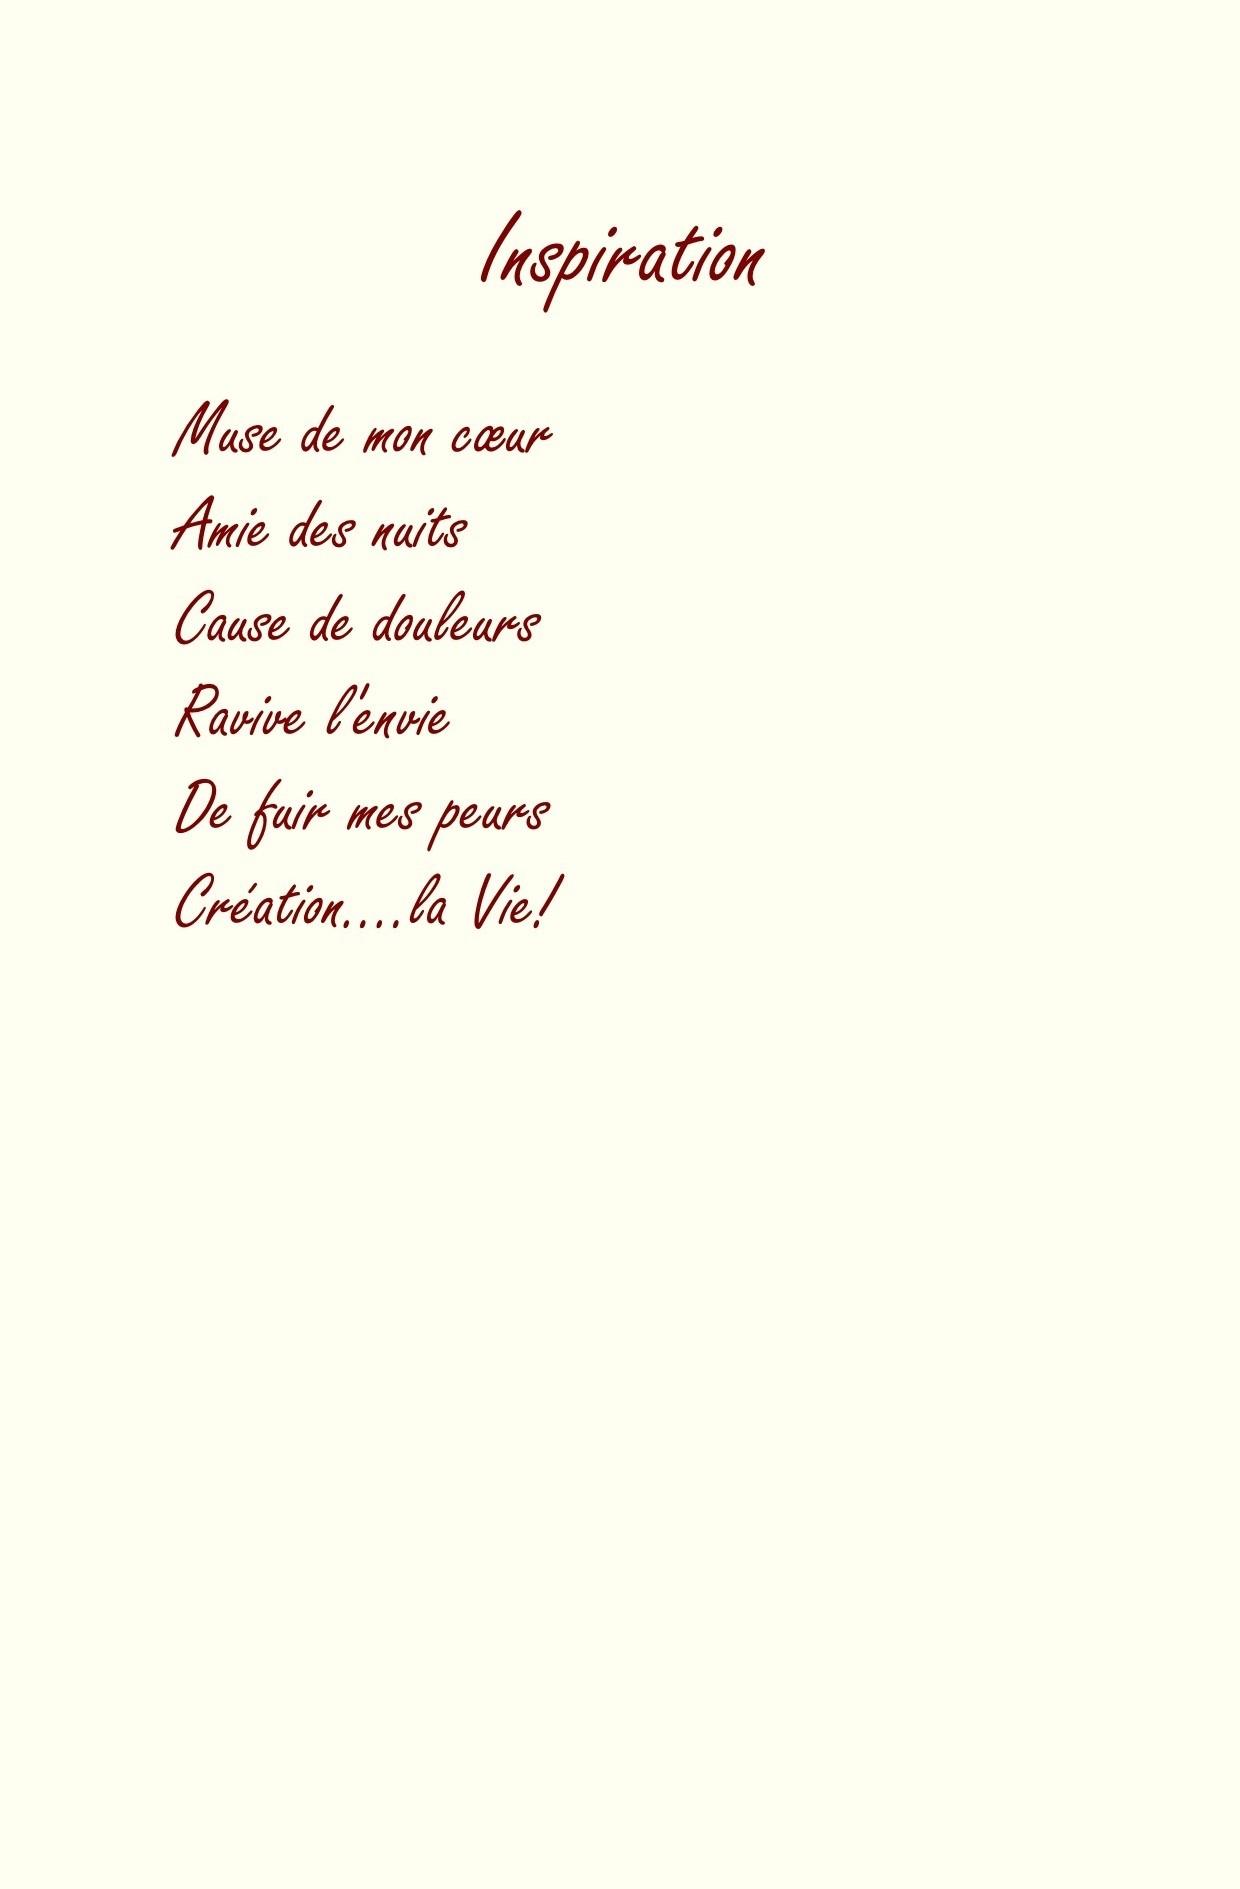 14 Inspiration Poème Et Dessin à La Sanguine De Jean